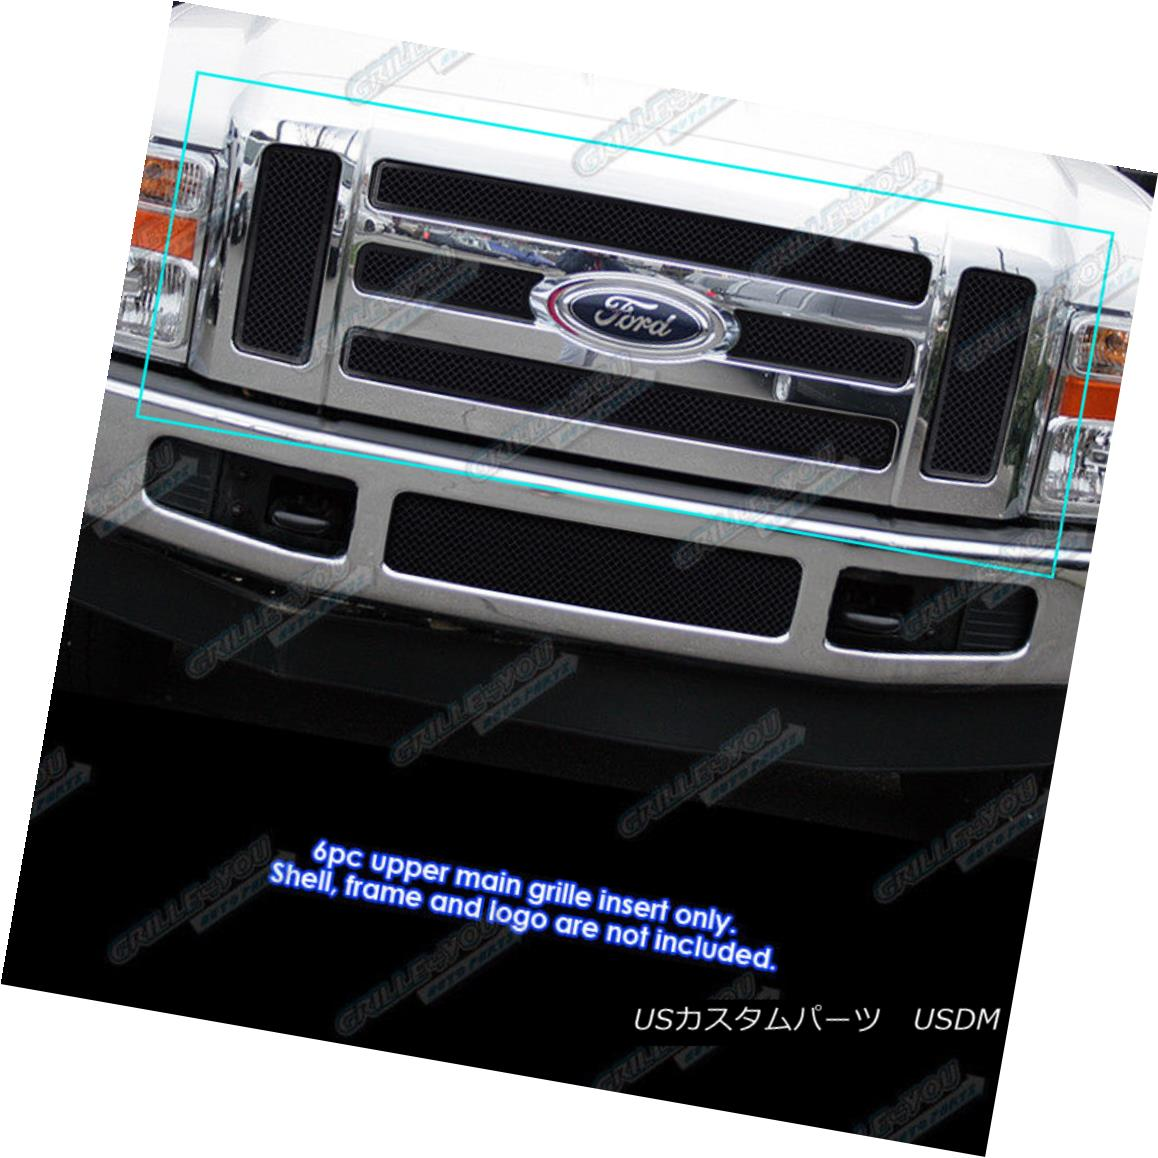 グリル Fits 2008-2010 Ford F-250/F-350 Super Duty Black Mesh Grille フィット2008-2010フォードF-250 / F-350スーパーデューティーブラックメッシュグリル